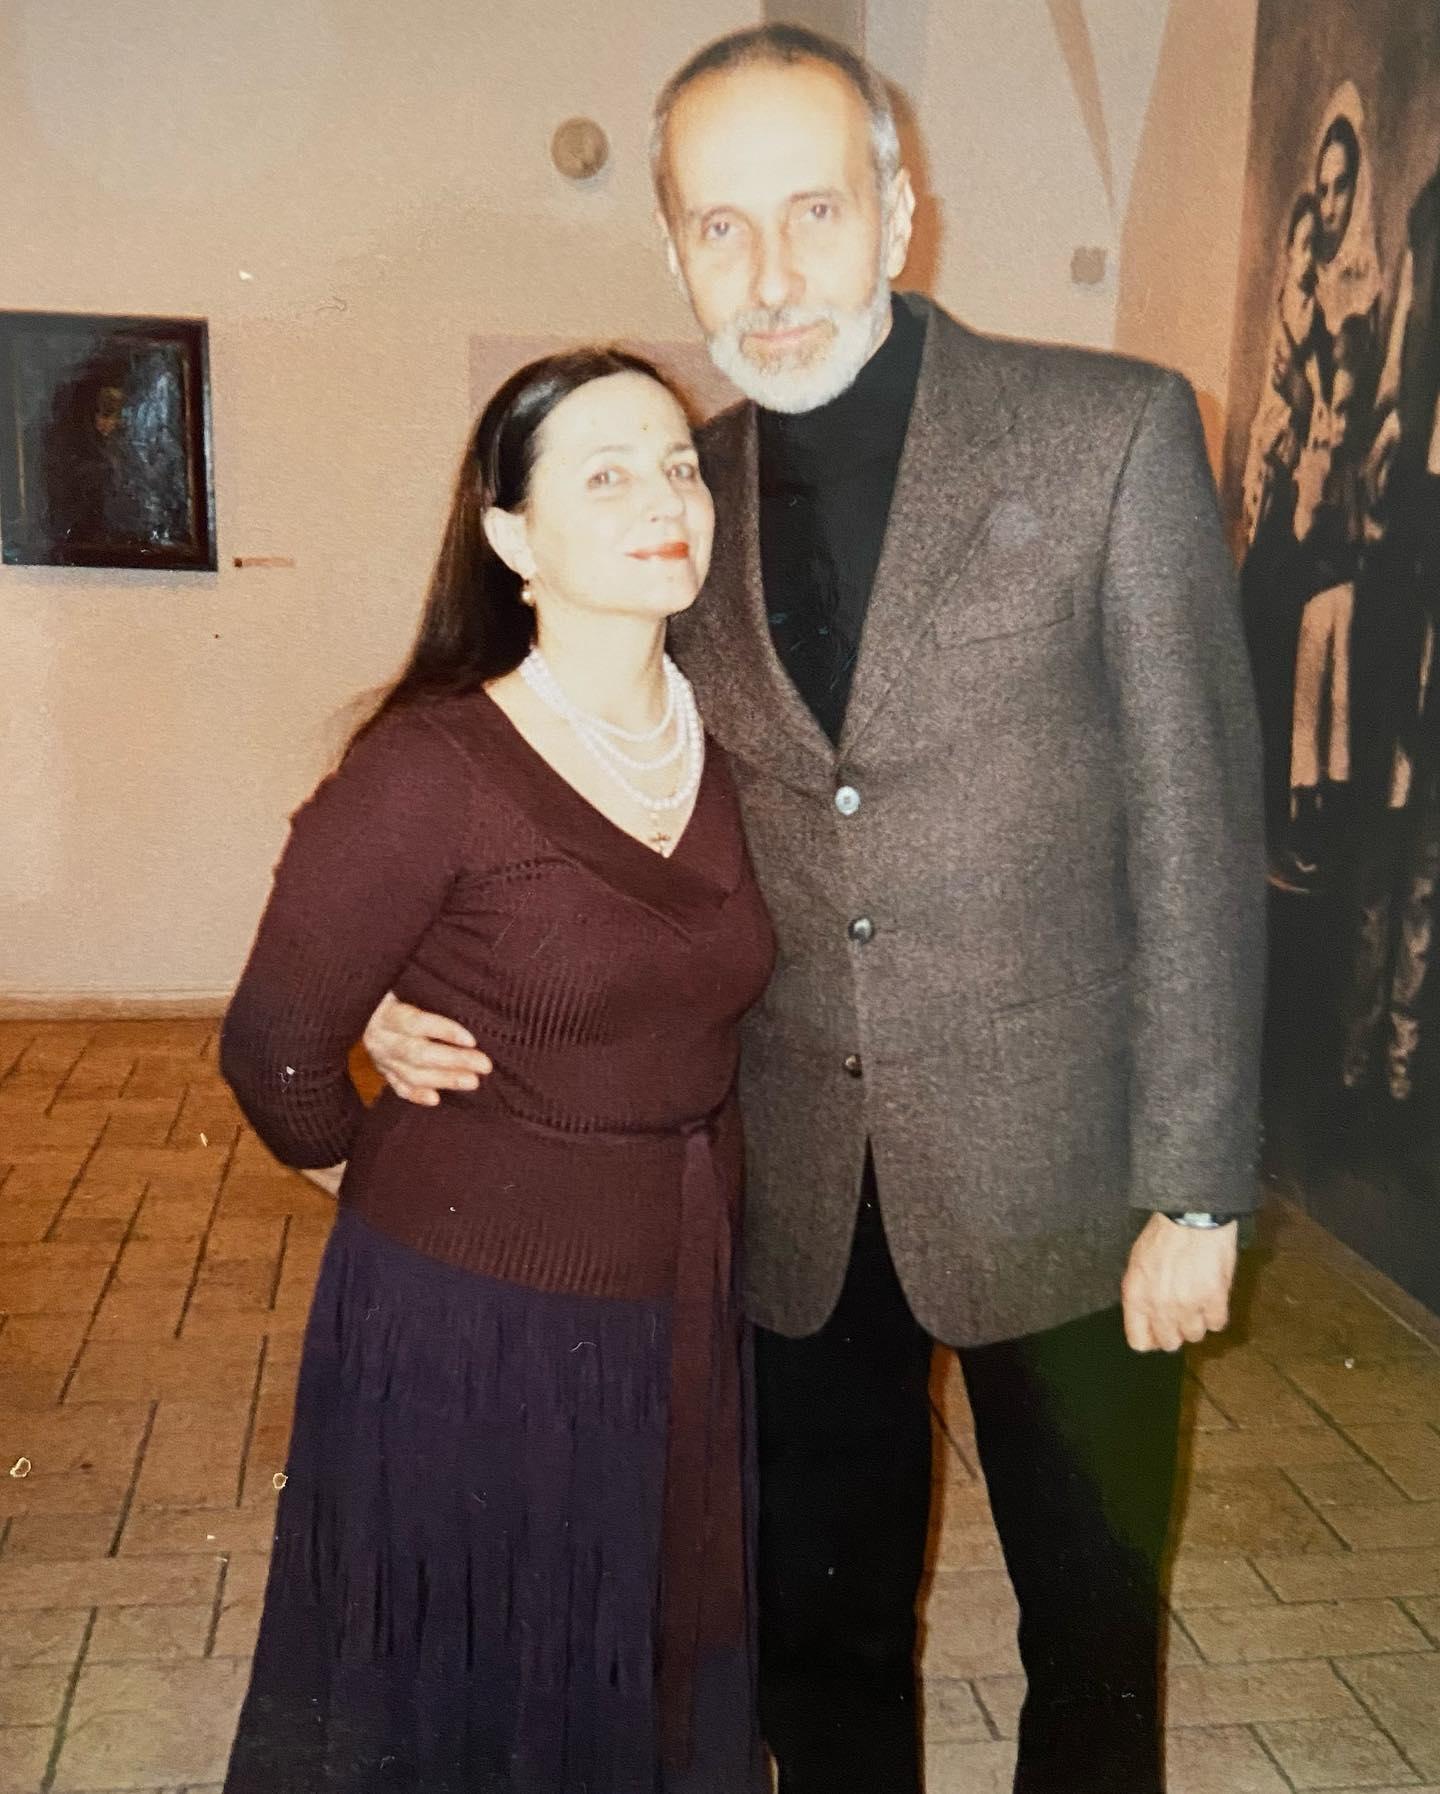 Тоня Матвиенко трогательно поздравила родителей с золотой свадьбой (ФОТО) - фото №2